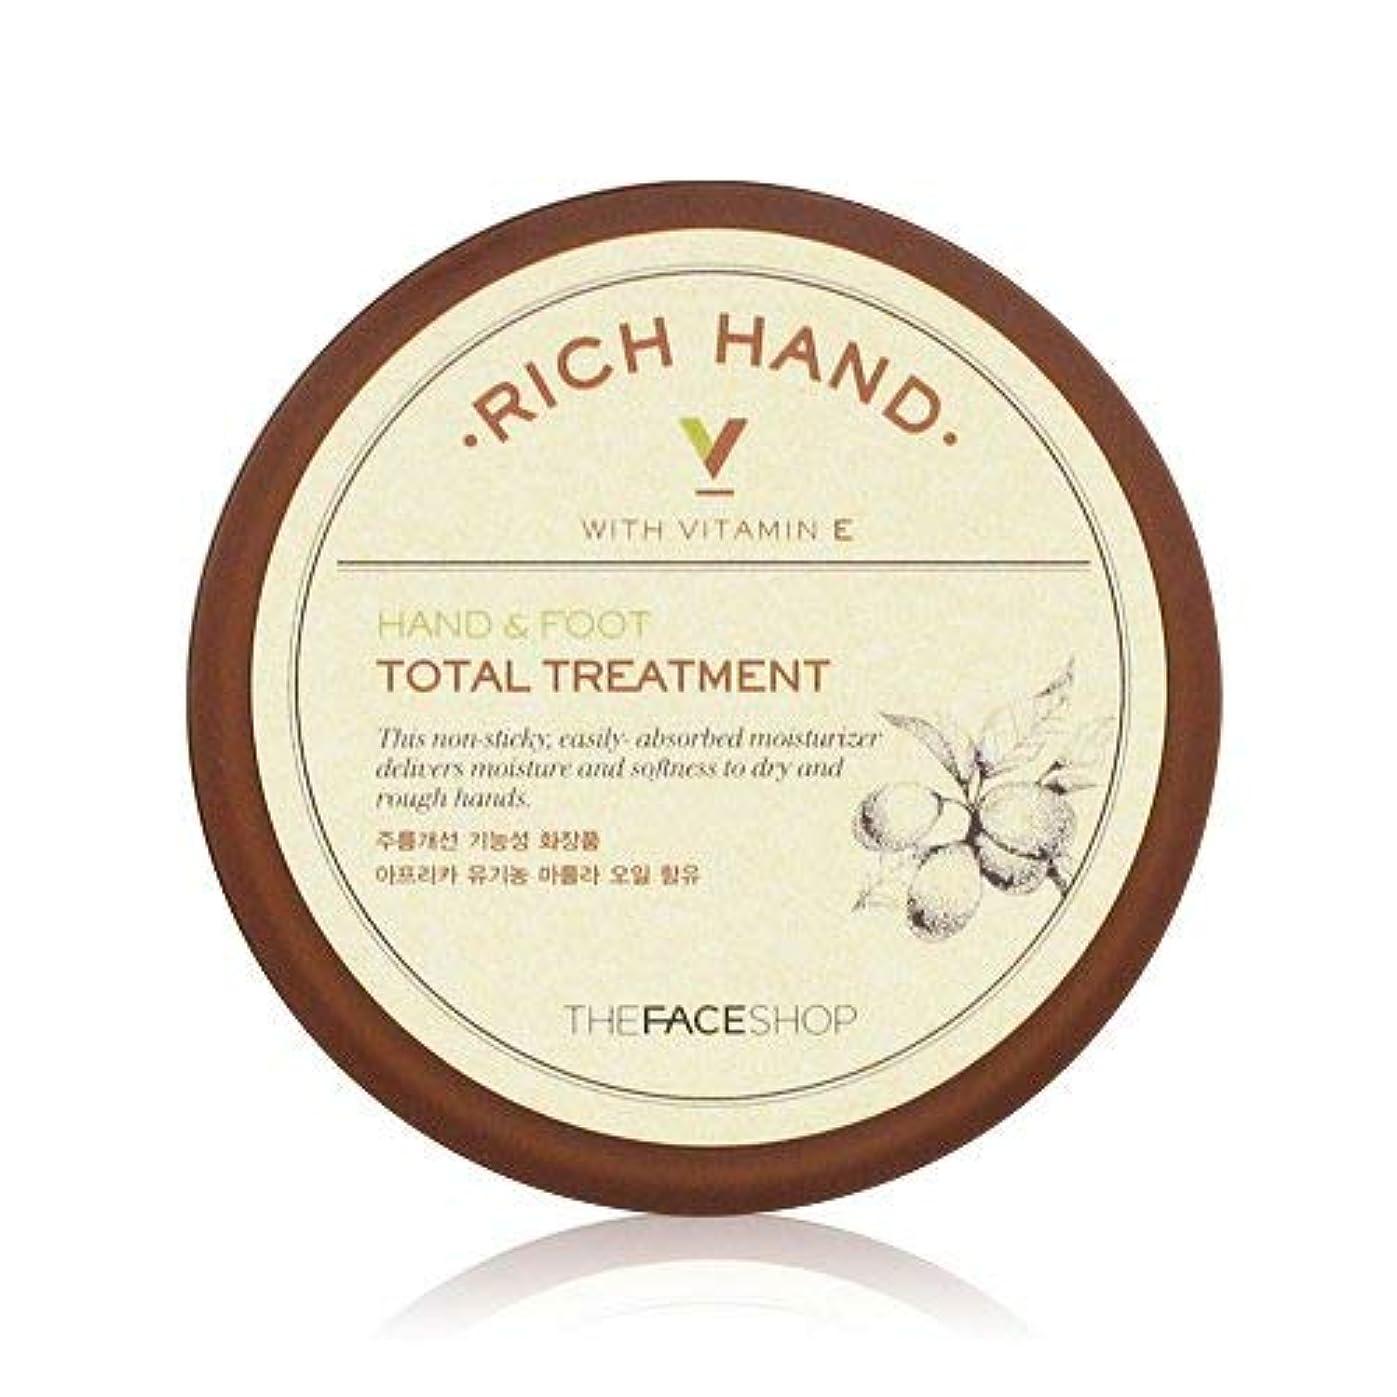 キラウエア山苗マージンTHE FACE SHOP Rich Hand V Hand and Foot Total Treatment ザフェイスショップ リッチハンド V ハンド? フット トータルトリートメント [並行輸入品]